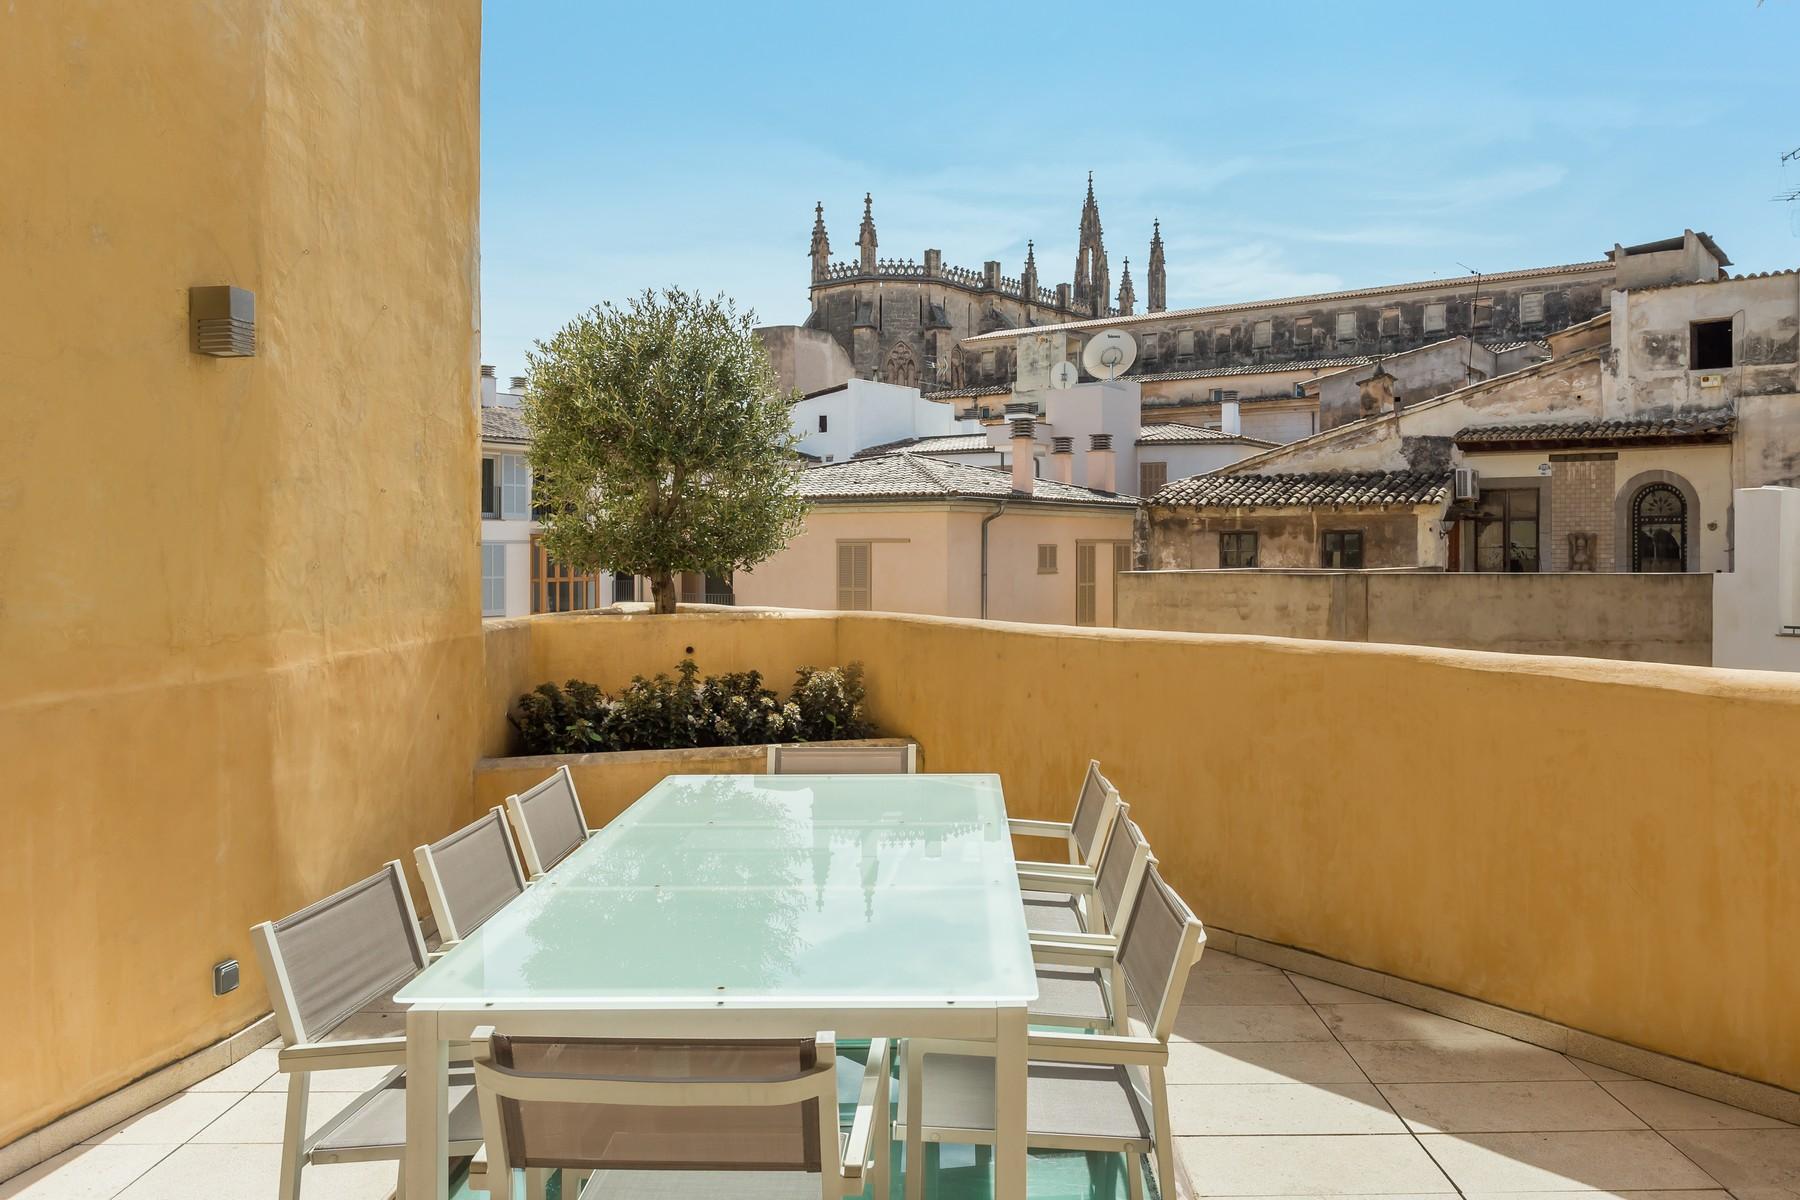 Casa Unifamiliar por un Venta en Historic house with pool in the Old Town Palma De Mallorca, Balearic Islands, 07001 España